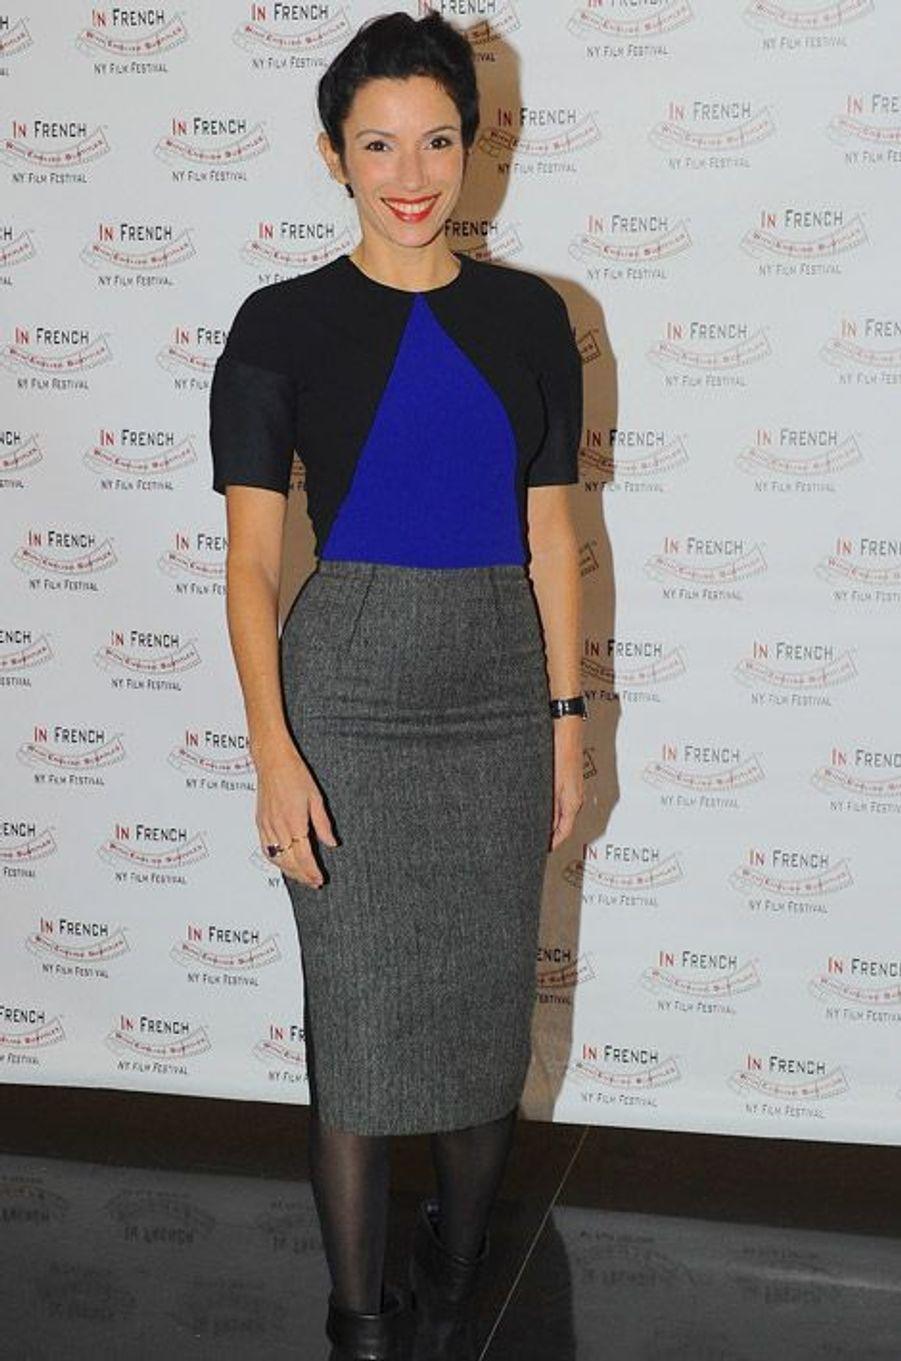 L'actrice française Aure Atika au French Film Festival à New York, le 21 novembre 2014